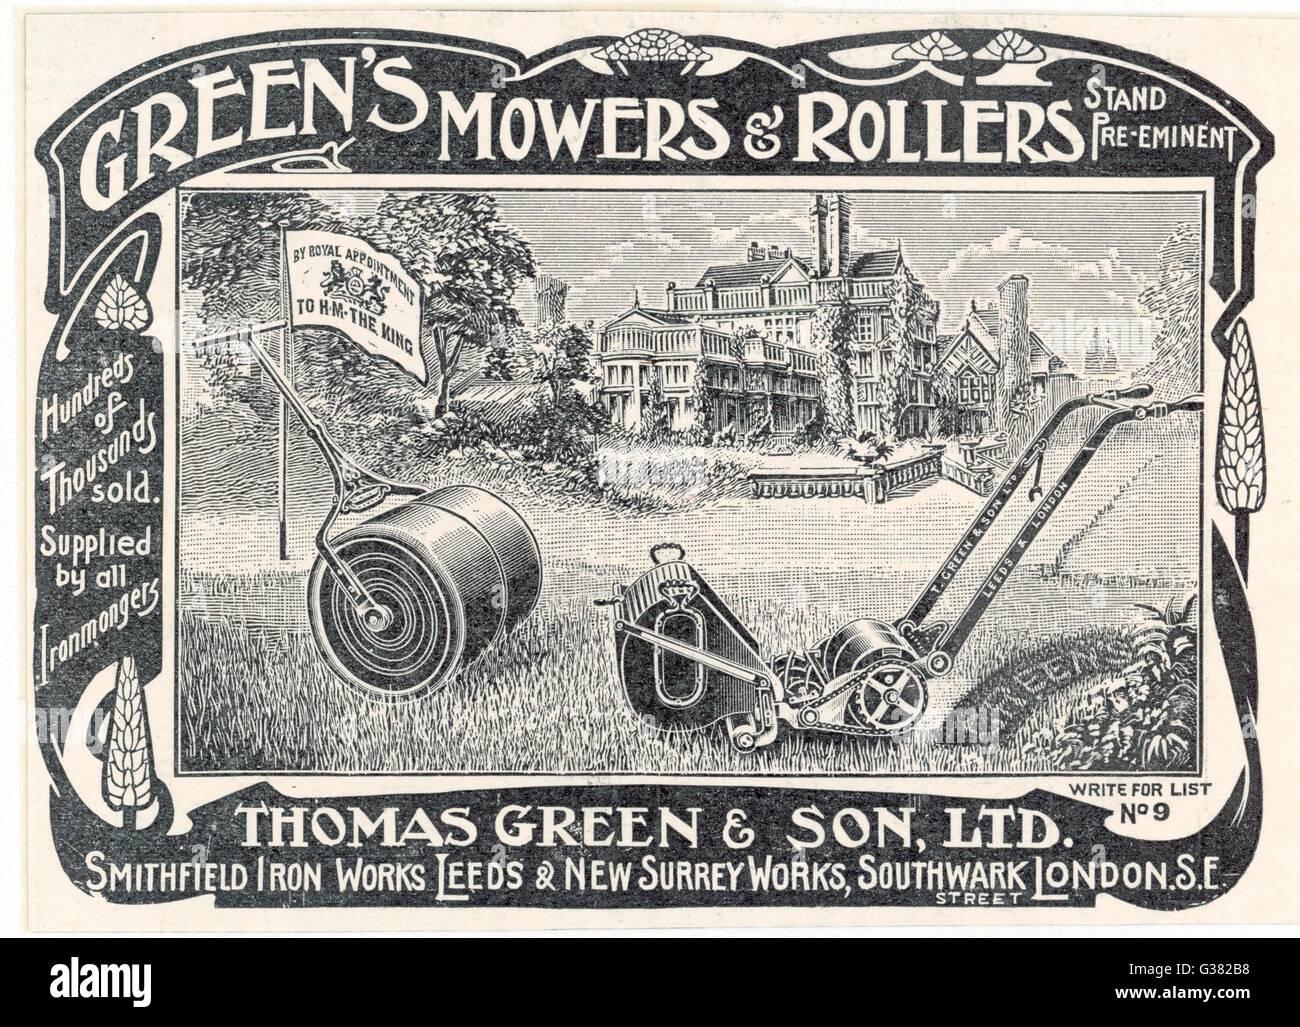 Garden Roller Lawn Roller Stock Photos Amp Garden Roller